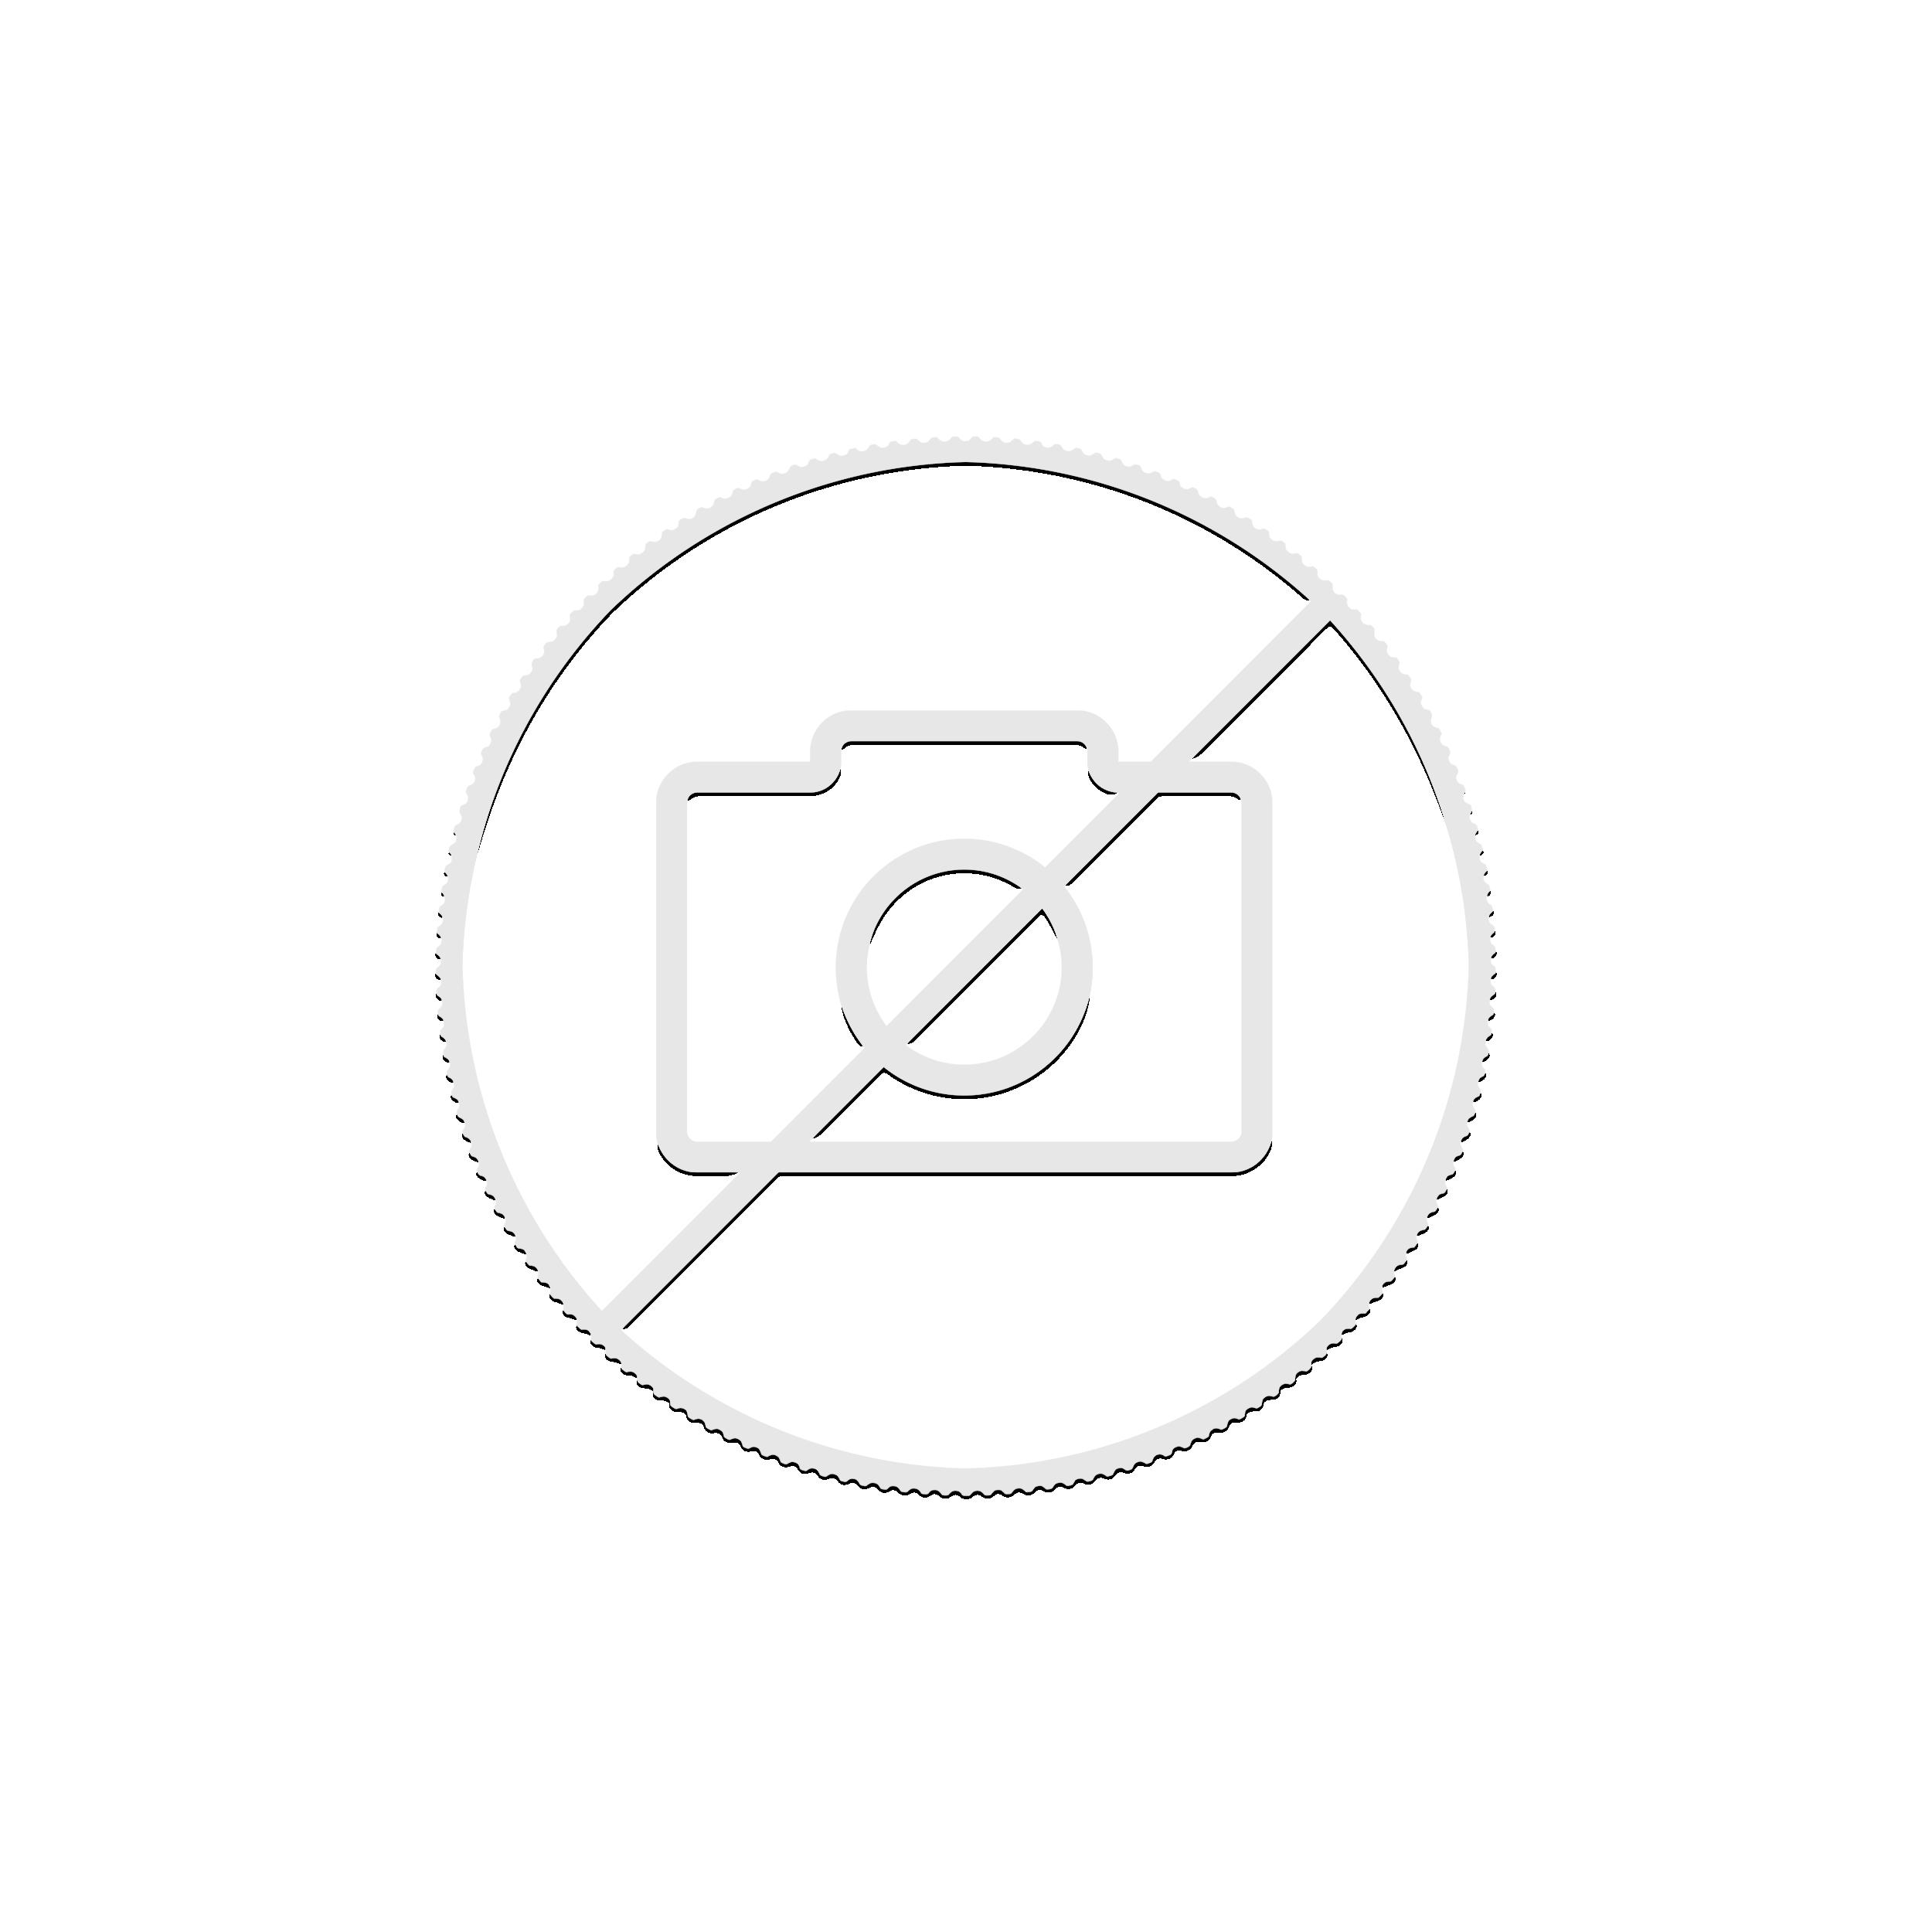 Zeldzaam: 1 troy ounce zilver Lunar Series I - Jaar van de os 2009